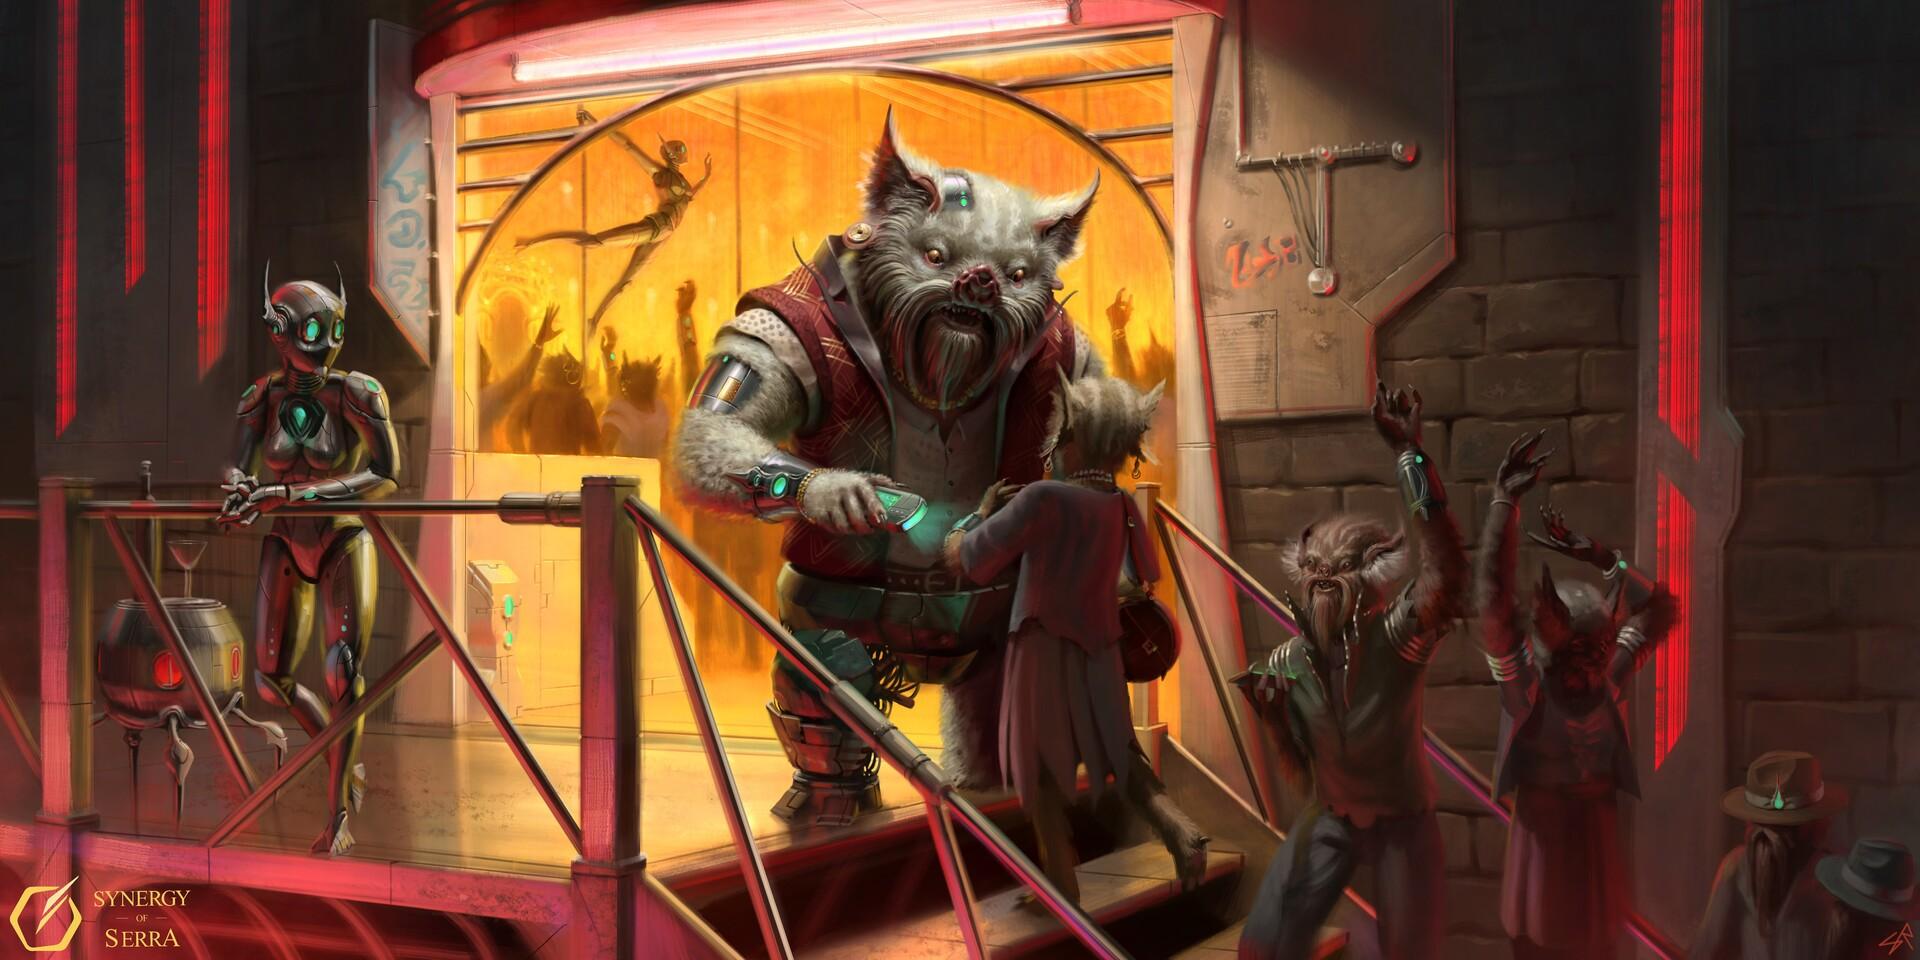 Cyborg bouncer guarding a cyberpunk nightclub.